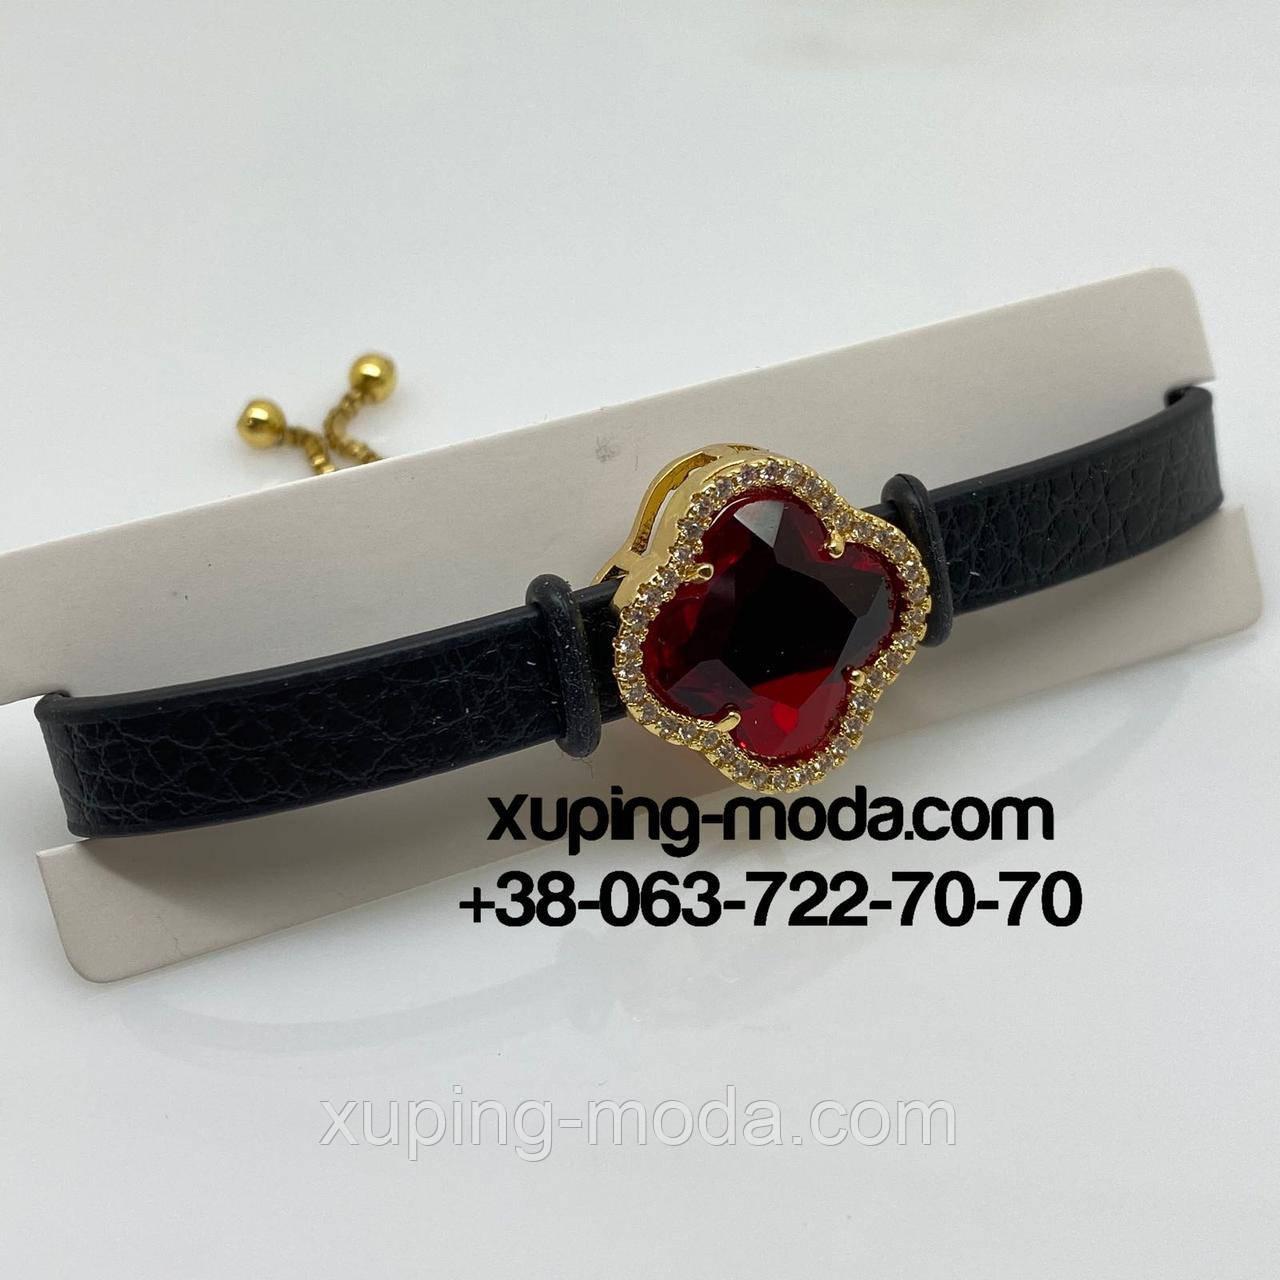 Красивый женский браслет  Красный камень